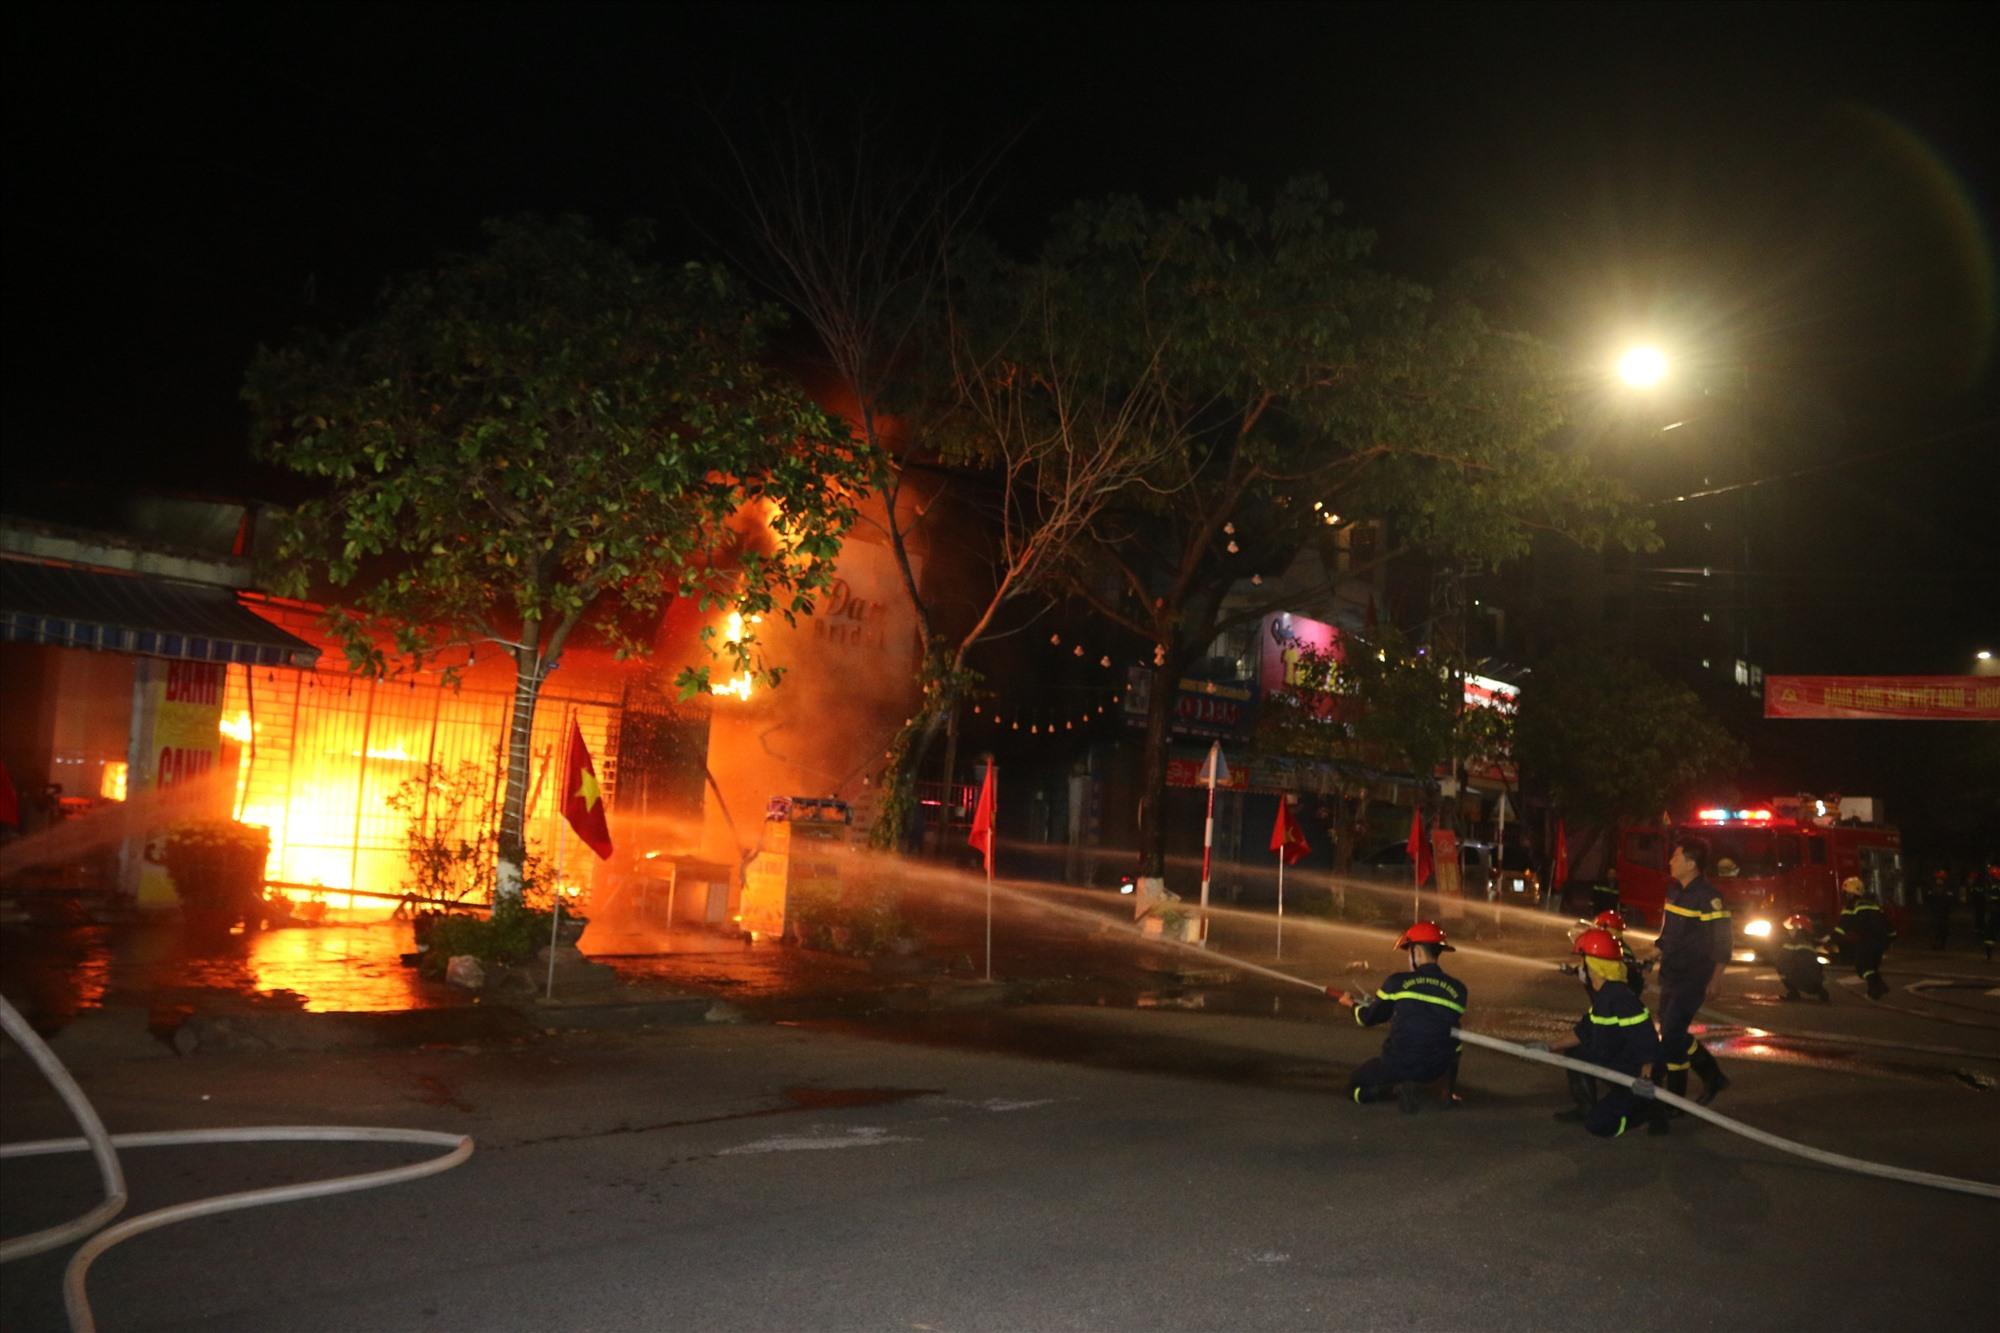 Đám cháy vào rạng sáng ngày 15.2 tại TP.Tam Kỳ. Ảnh: Công an cung cấp